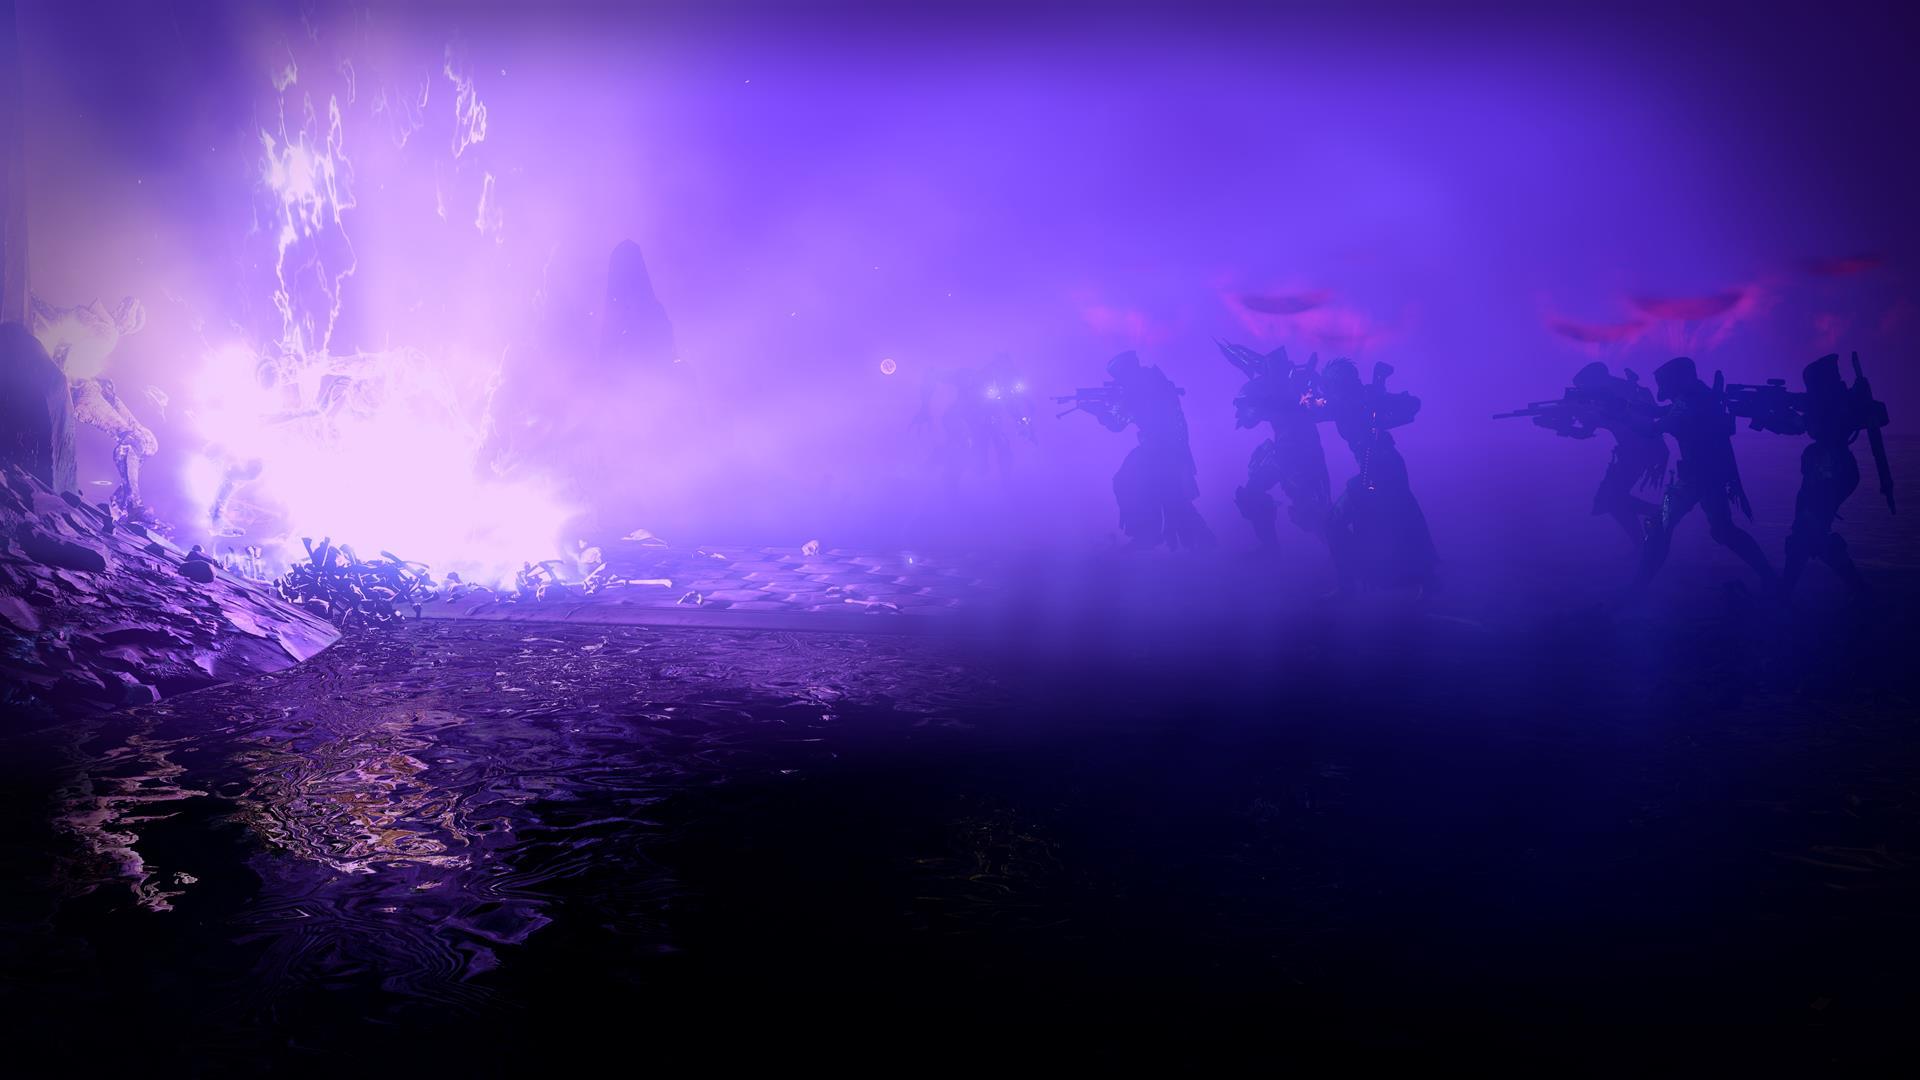 První expanze do Destiny dorazí 9. prosince 101717